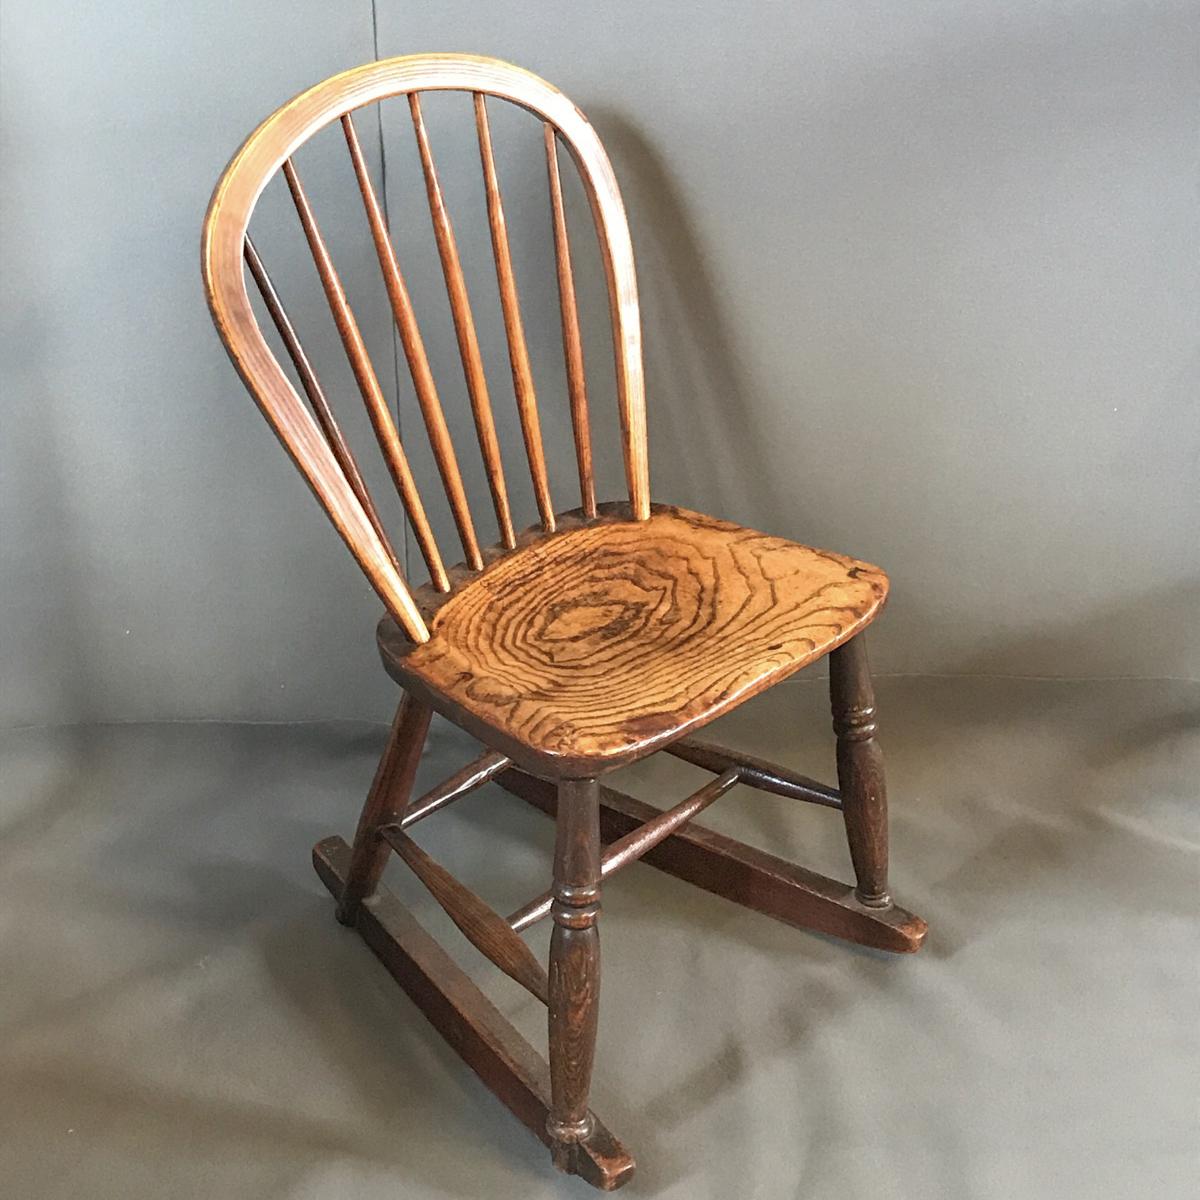 Kitchen Chairs Vintage: Victorian Small Kitchen Rocking Chair